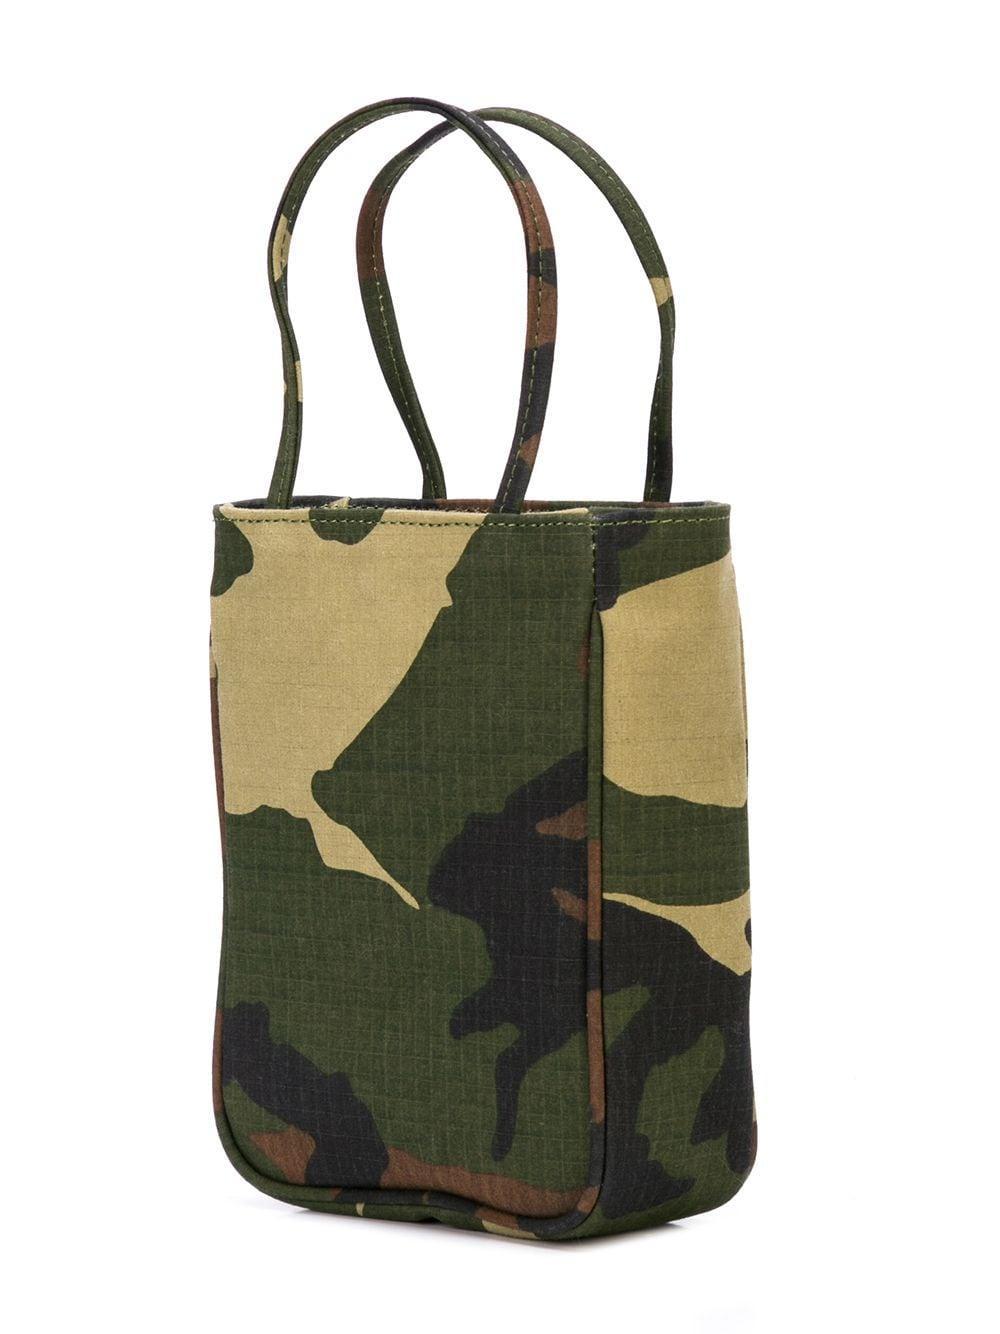 Ashley Williams Baumwolle Handtasche mit Camouflage-Print in Grün P1MPO